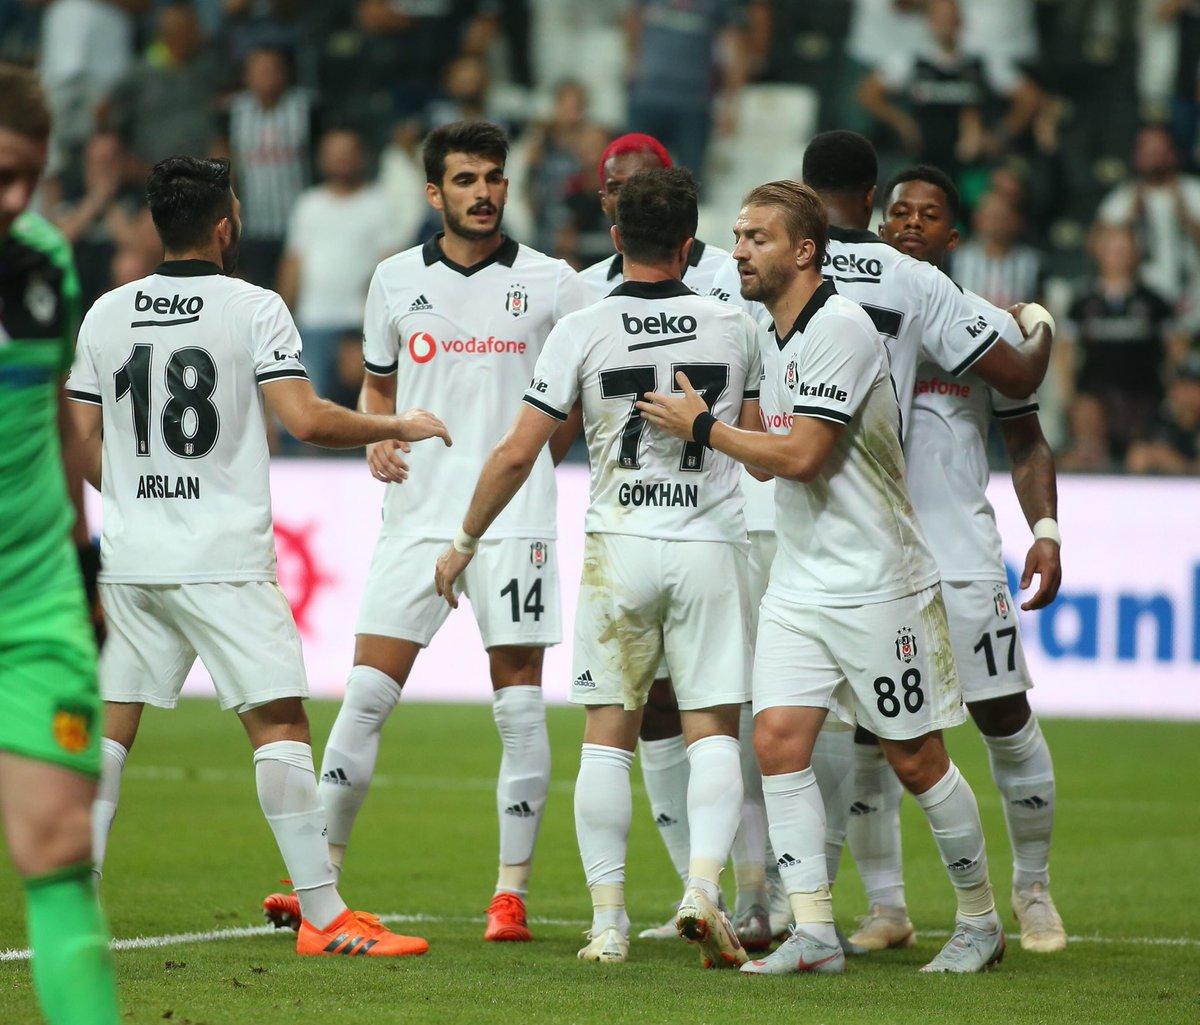 Beşiktaş, Avrupa kupalarındaki en farklı galibiyetini aldı